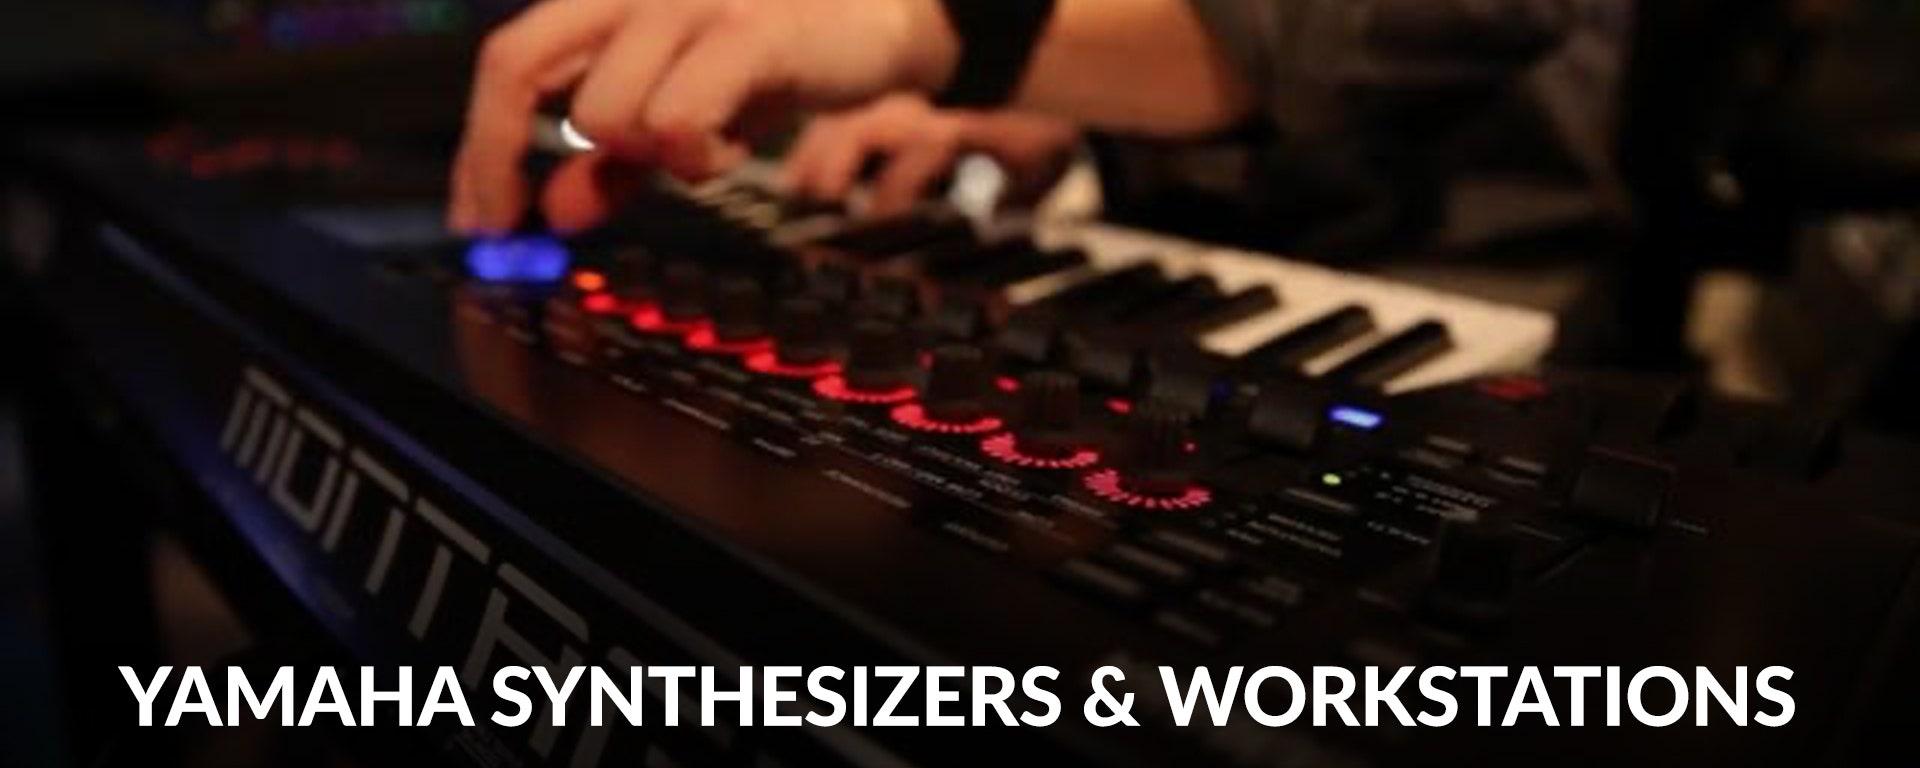 Shop Yamaha Synthesizers and Workstations at SamAsh.com